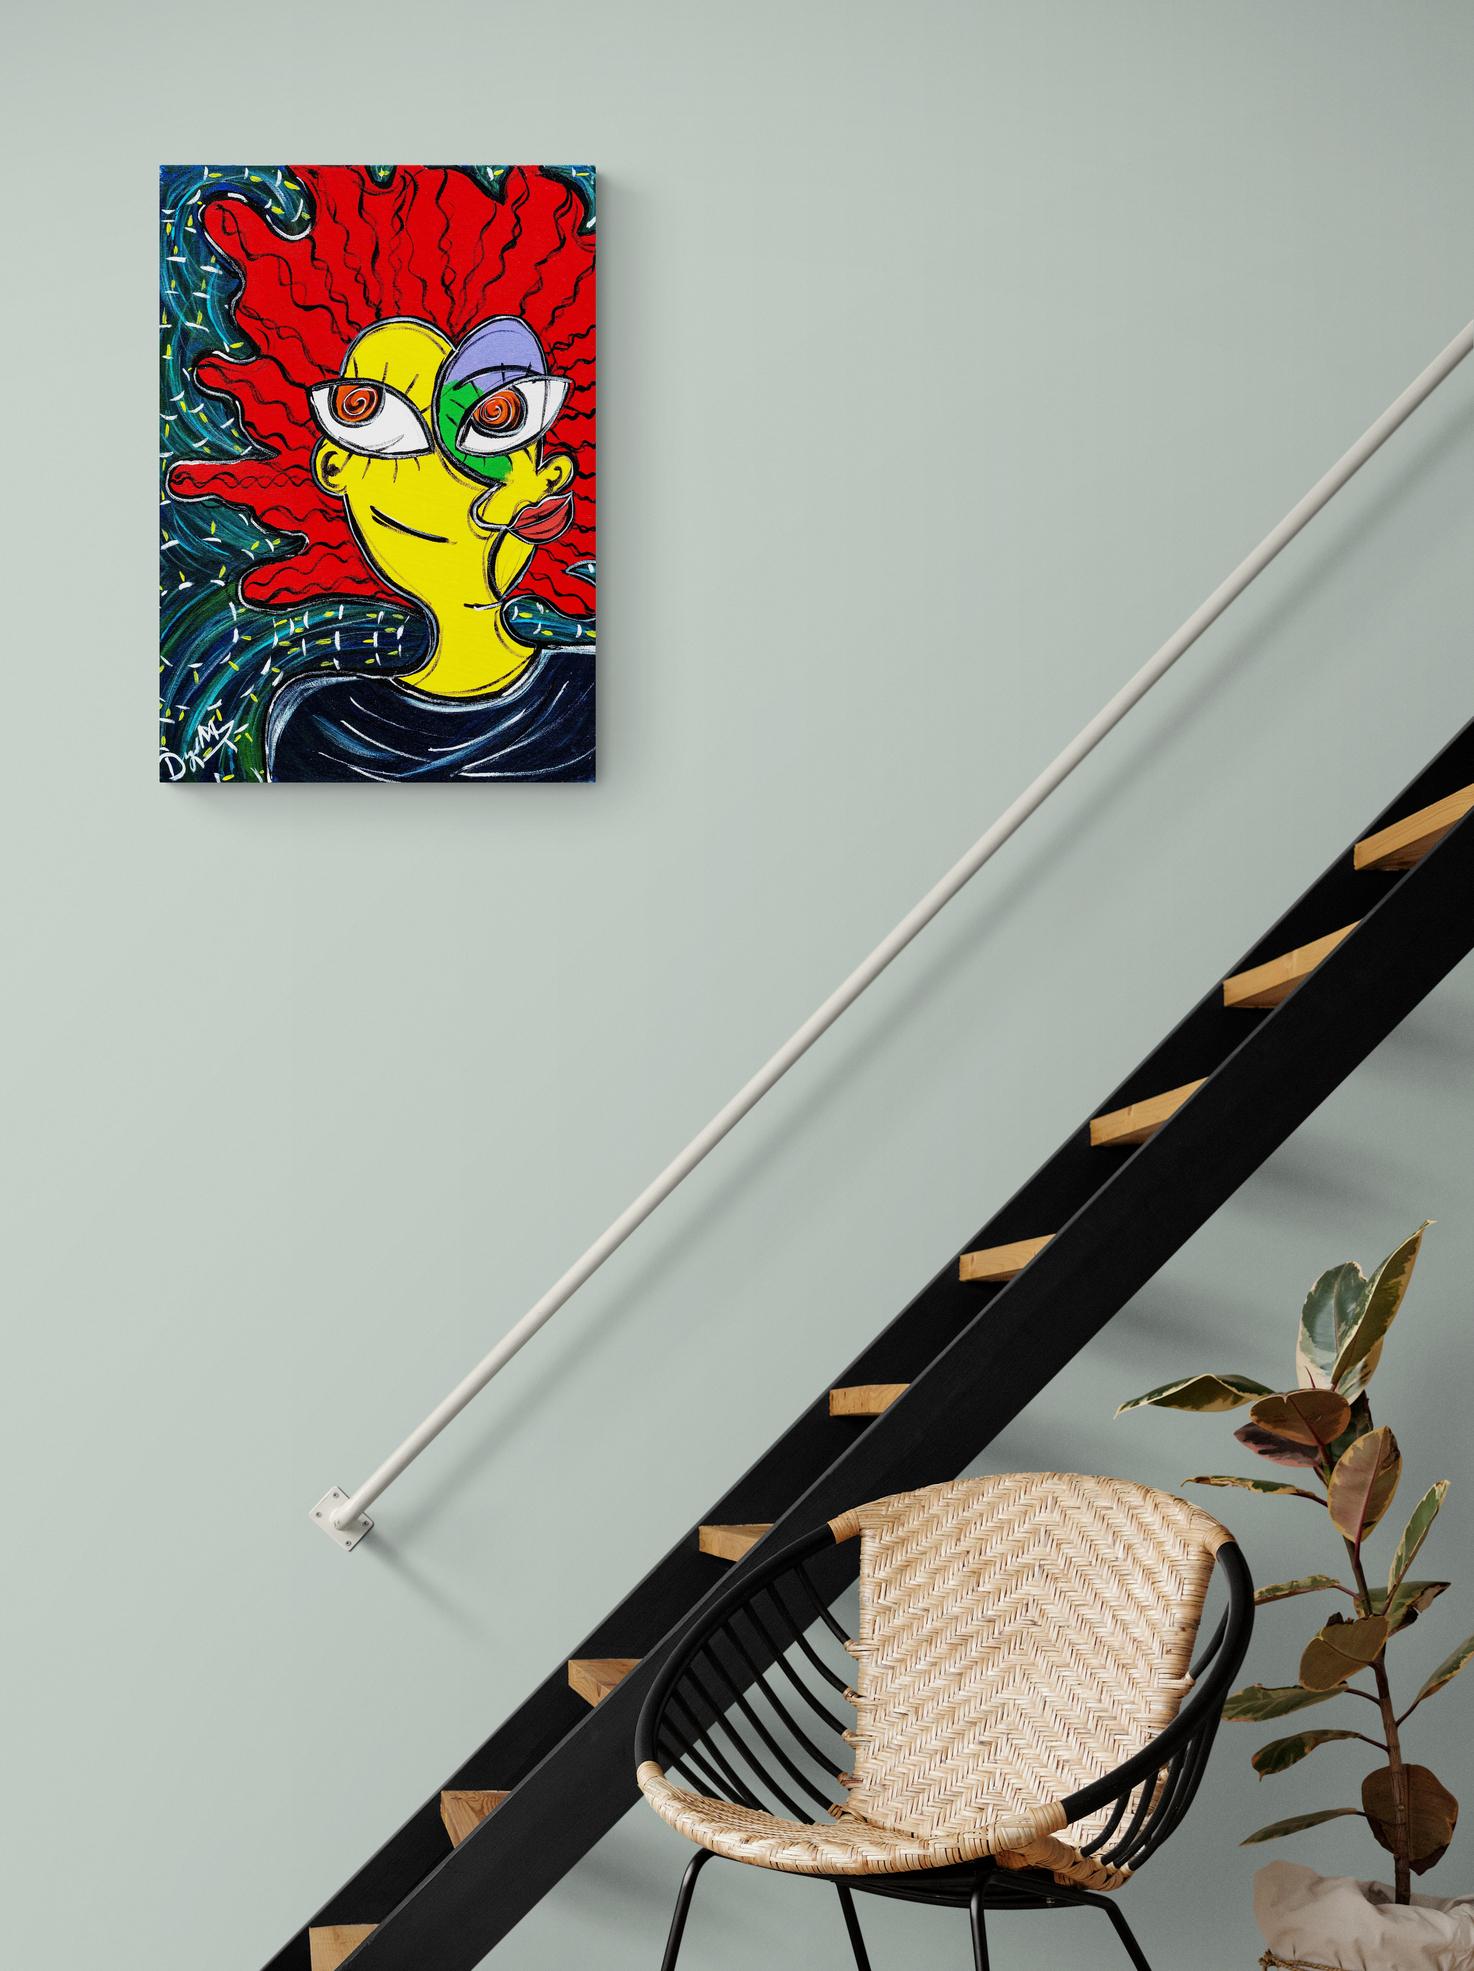 Obra de arte, O homem da noite, Um Dedo de Arte - Diego Moura artista plástico